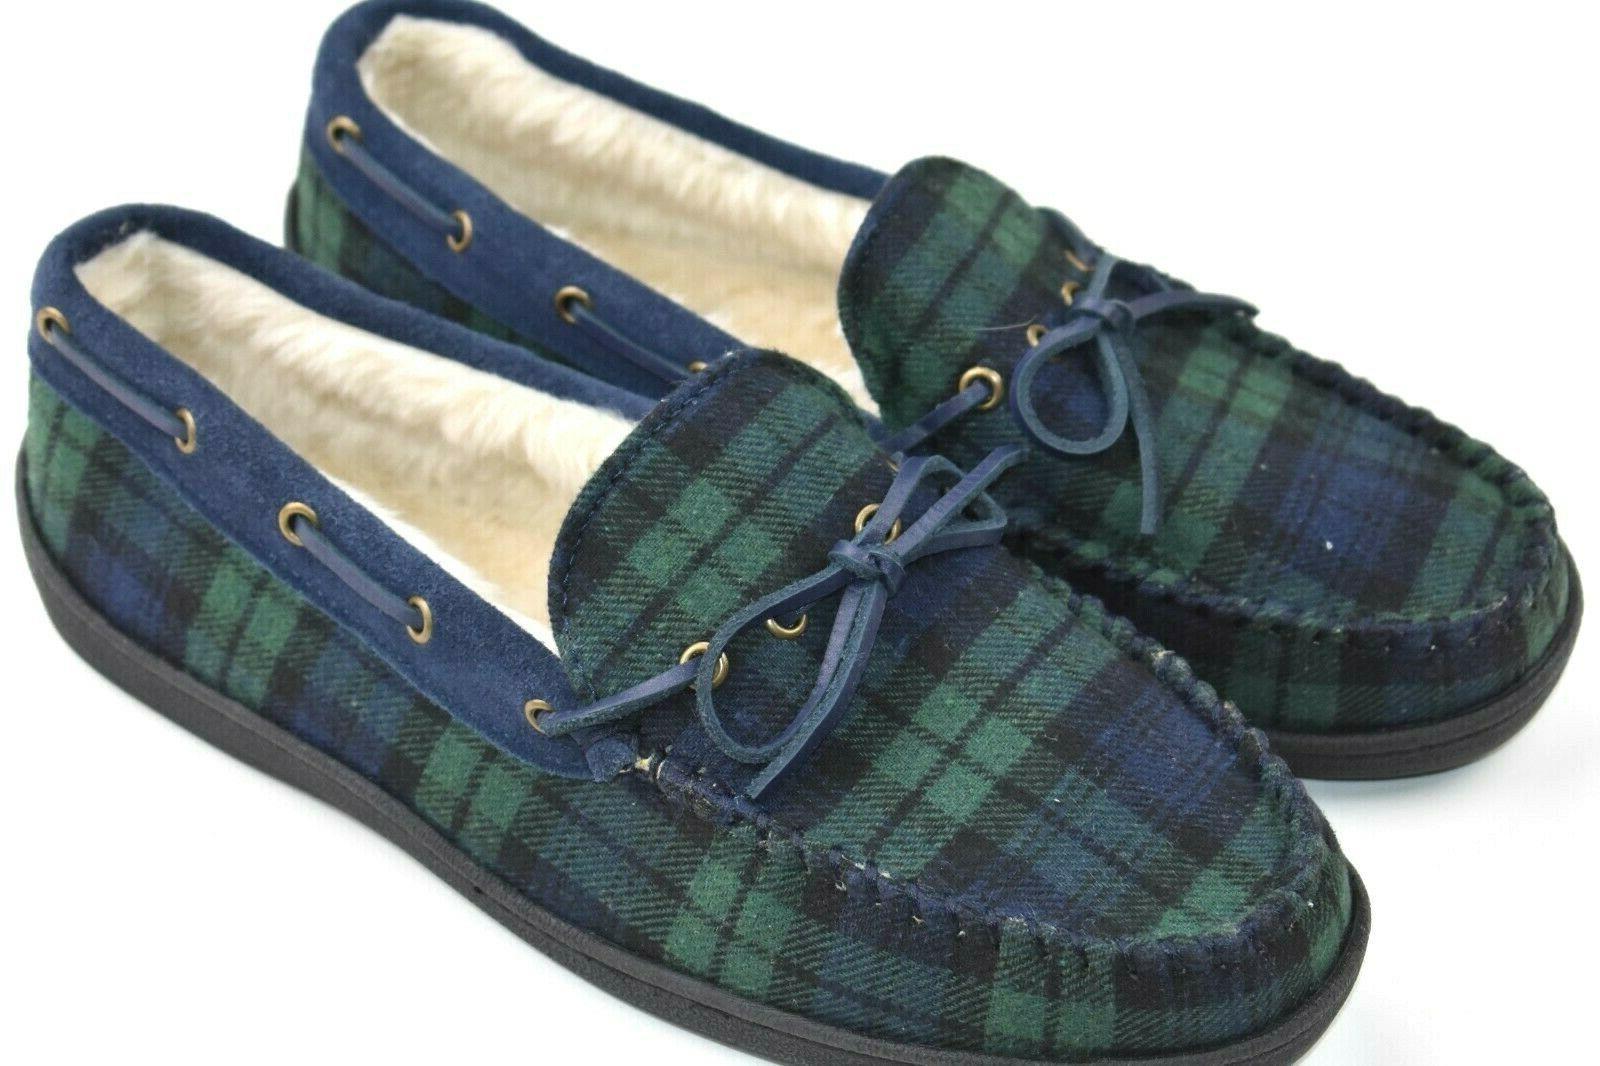 moccasin slip on fleece lined slippers men